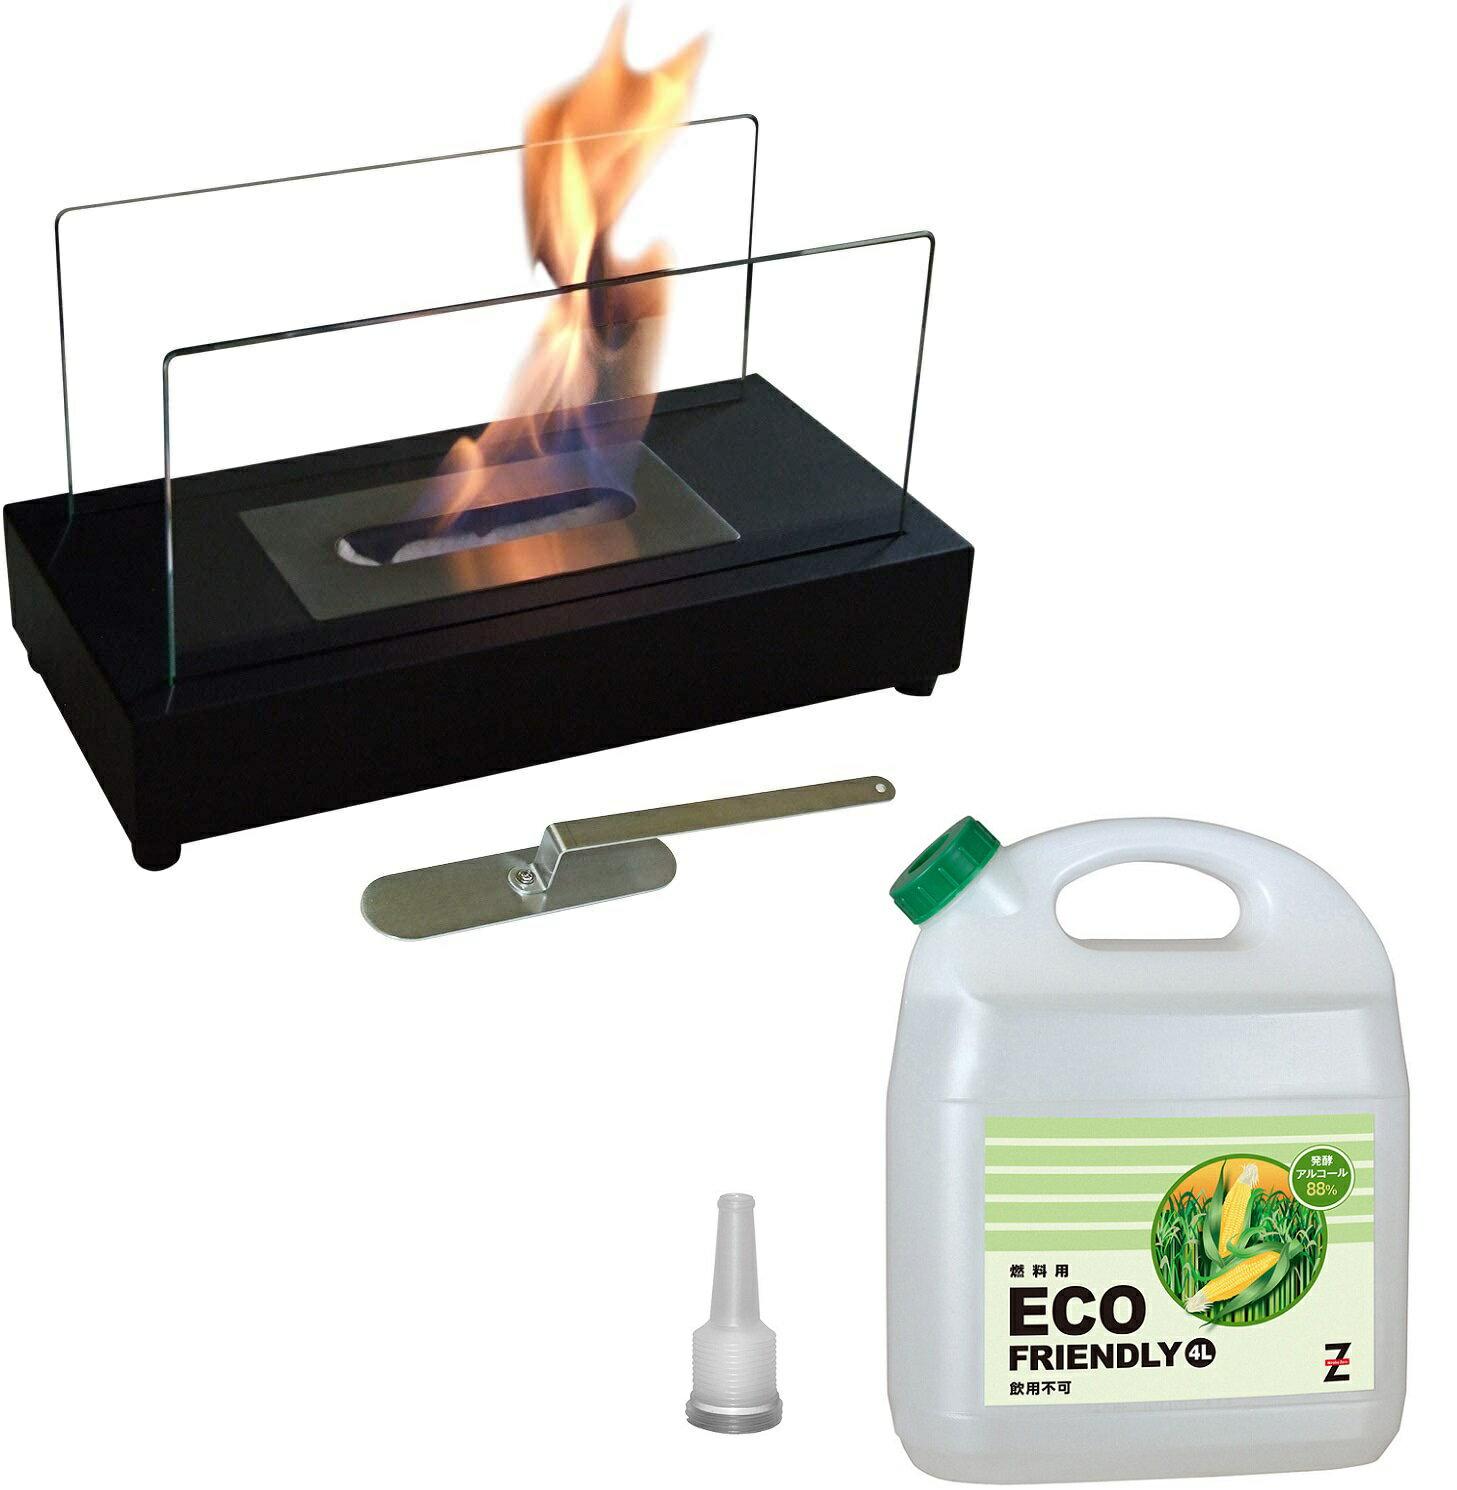 ガレージ・ゼロ バイオエタノール暖炉 長方形 ブラック/黒(屋内・屋外両用)+バイオエタノール4L/卓上暖炉/ファイアープレイス/卓上エタノール暖炉